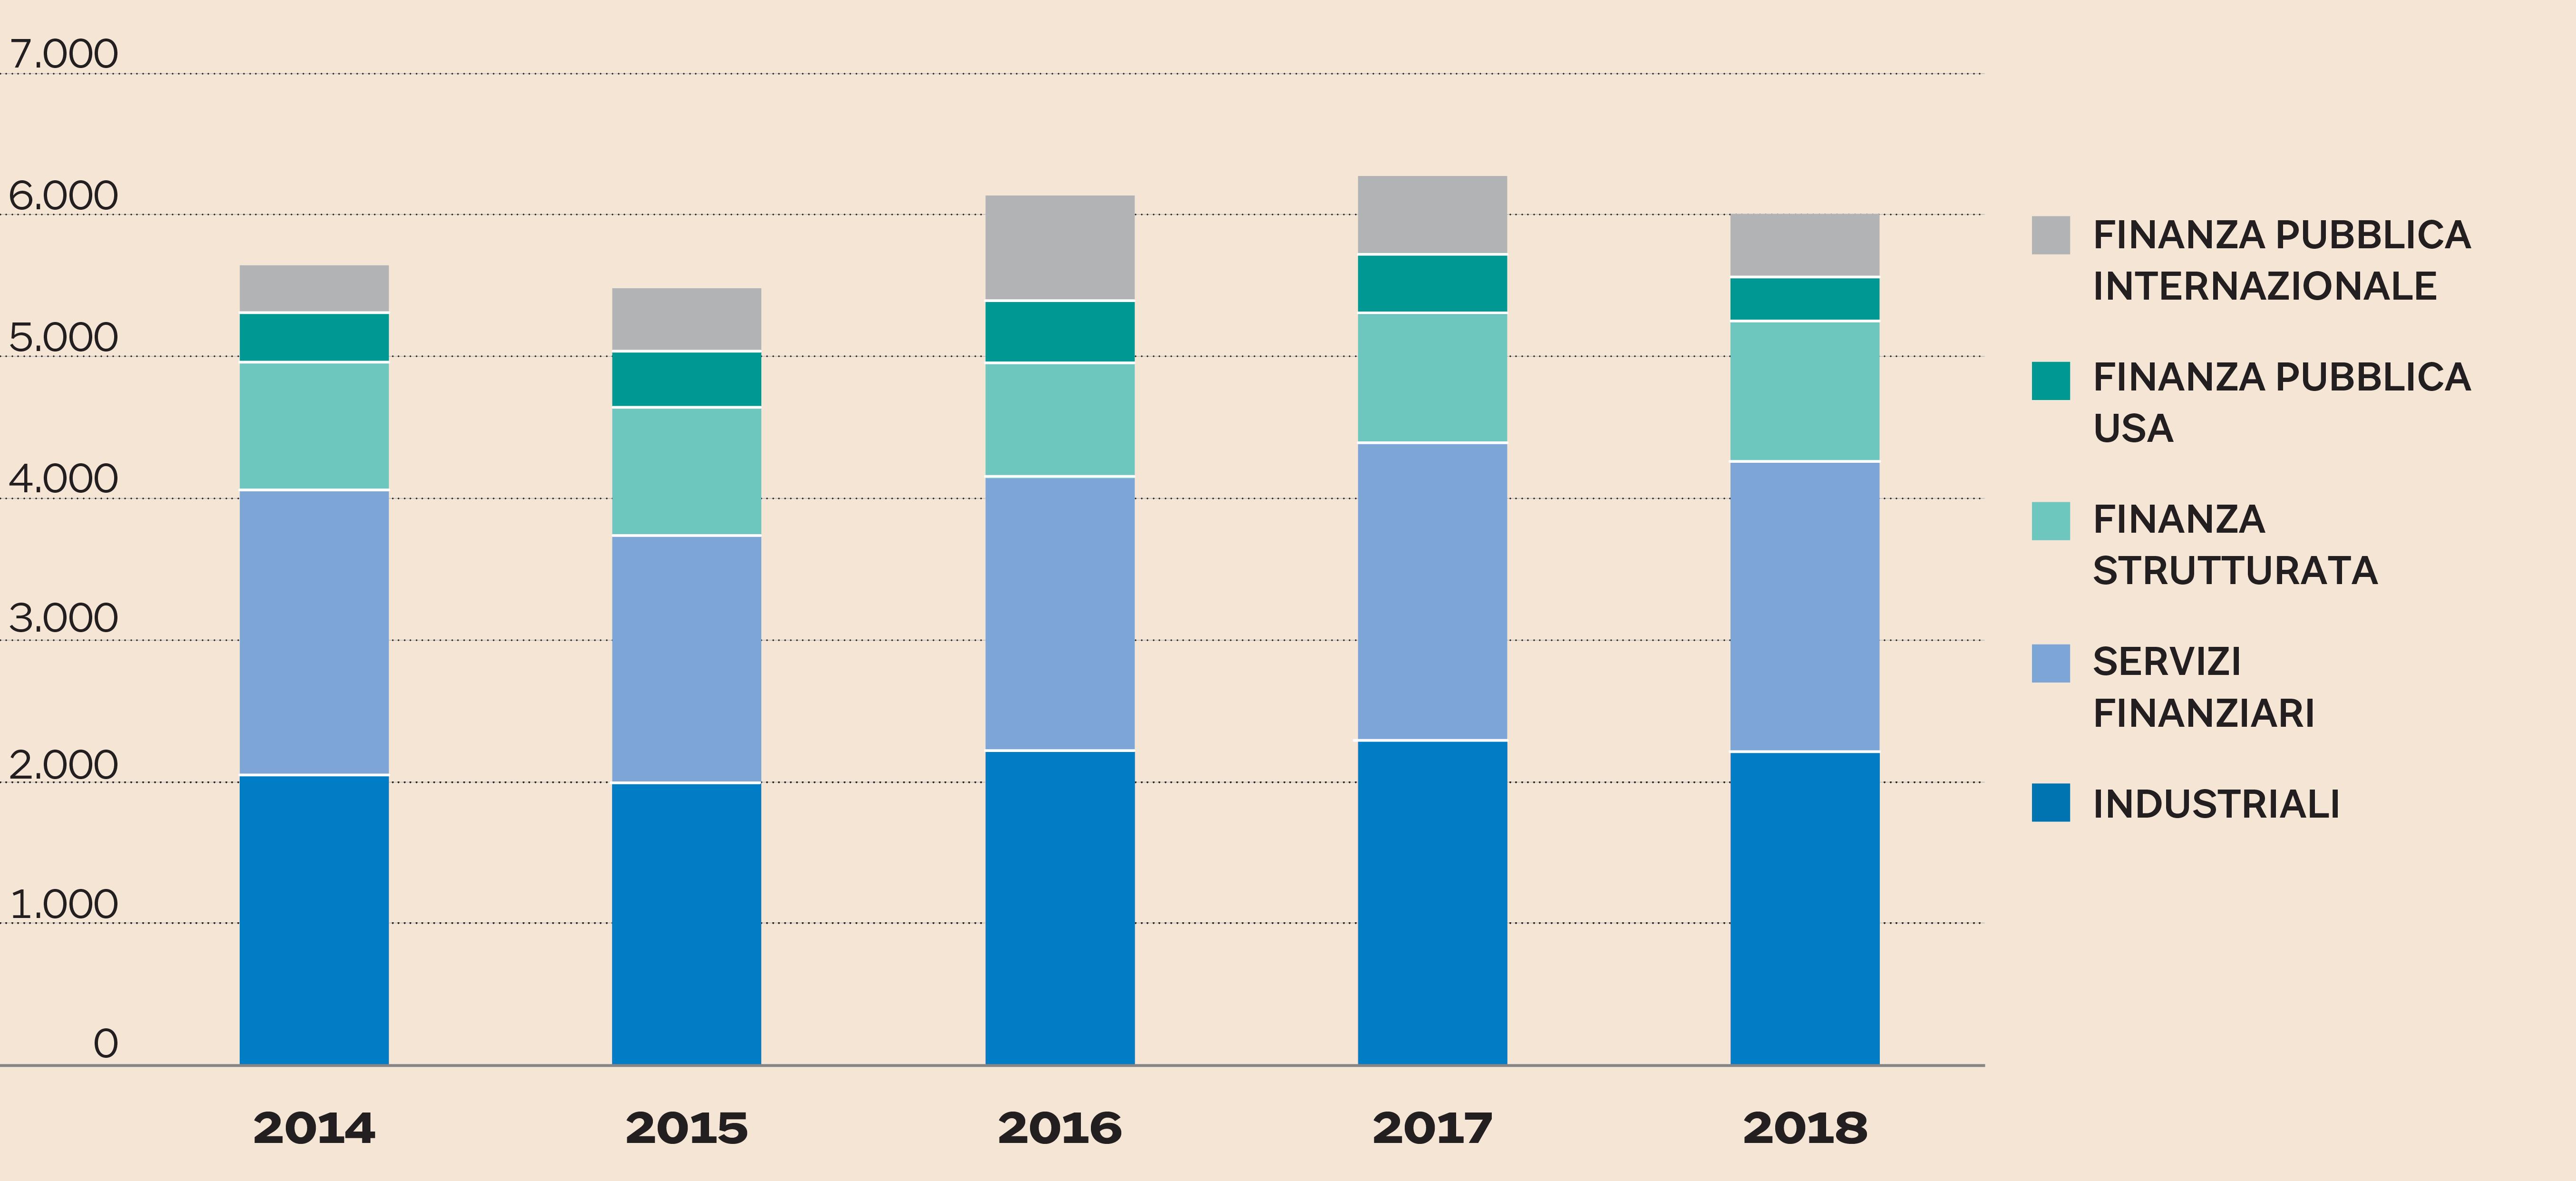 8ce02860d6 Le emissioni globali di bond negli ultimi anni. Dati in miliardi di  dollari. Per il 2018 le stime sono di S&P Global.Fonte:Harrison Scott,  Thomson Financial ...